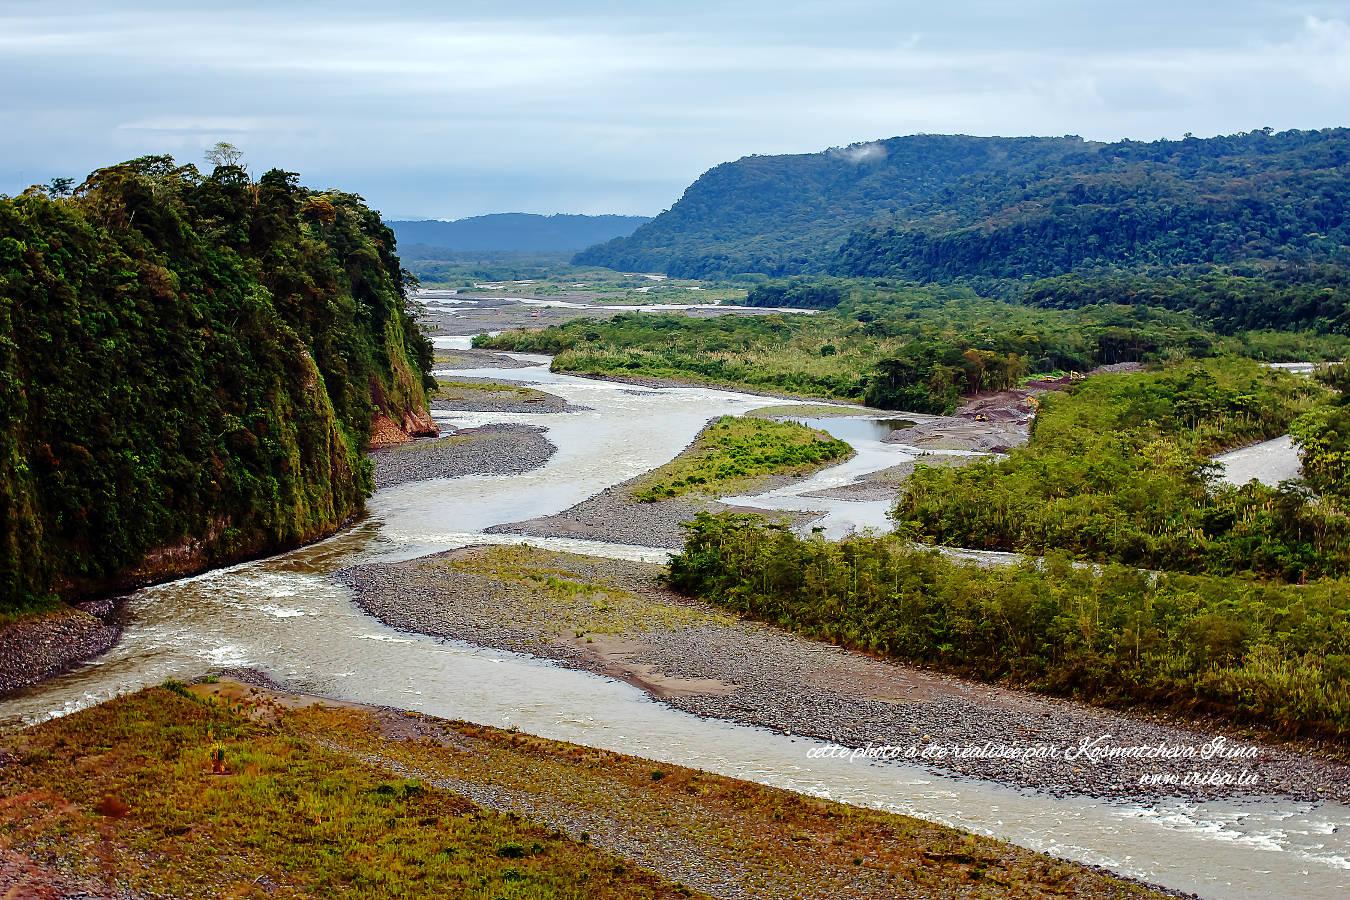 Rio Bamba